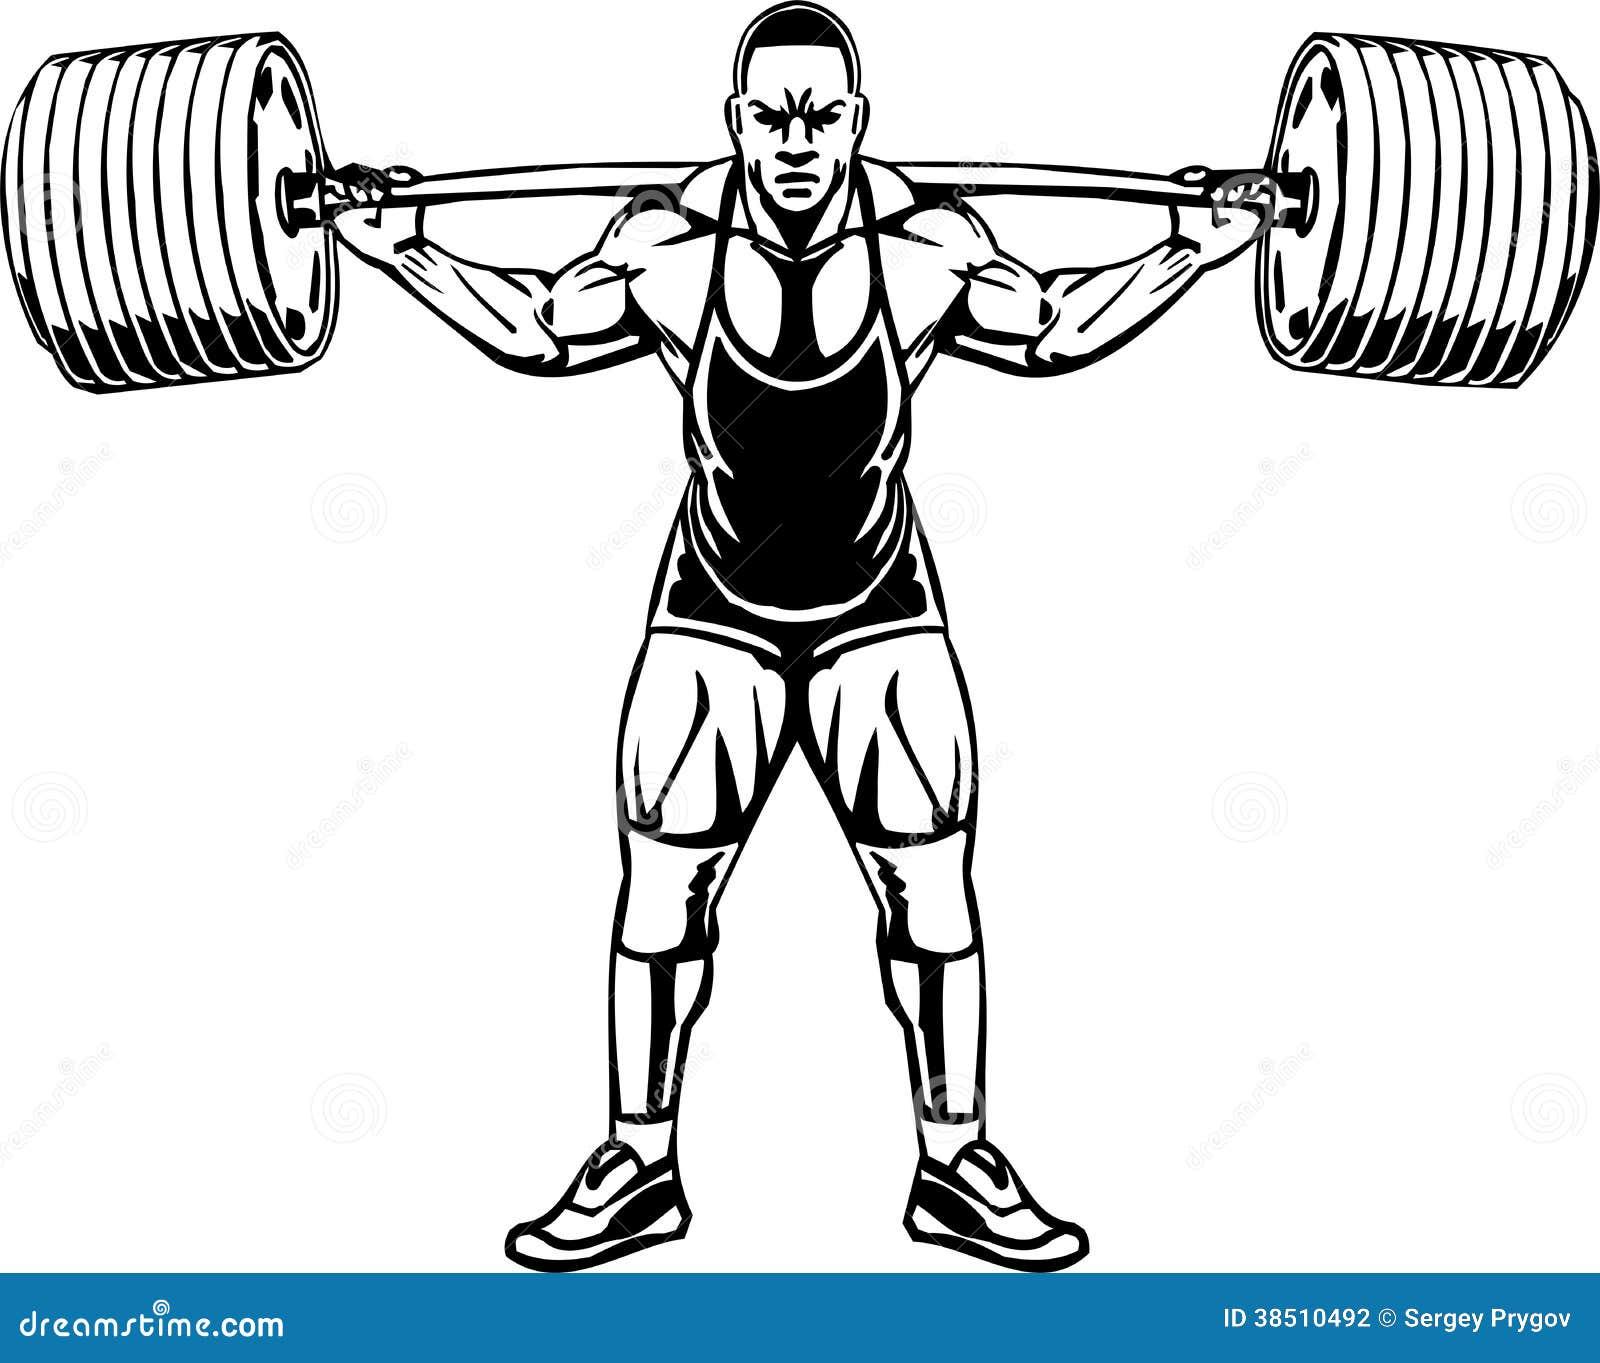 levantamiento de pesas y powerlifting vector weight lifting clip art free weightlifting clipart logo